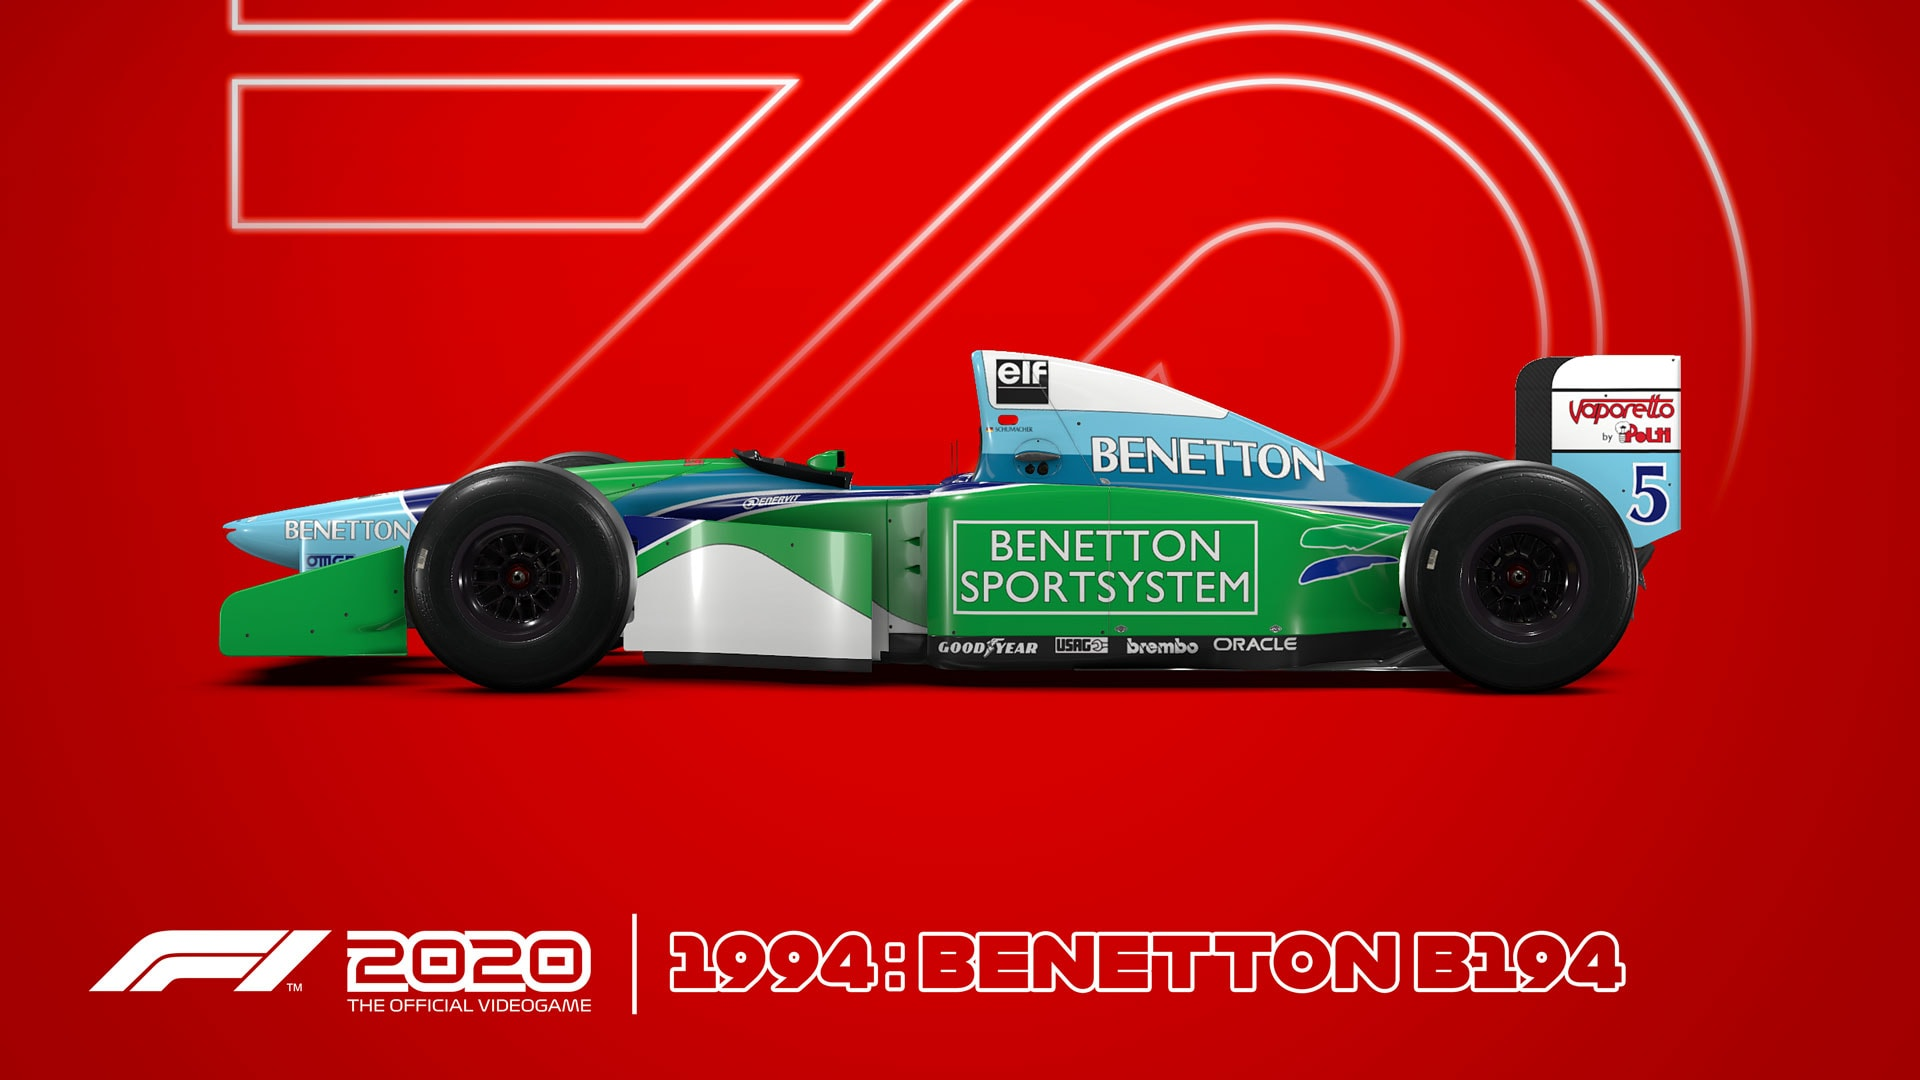 Debutta una nuova scuderia in Formula 1: la tua thumbnail